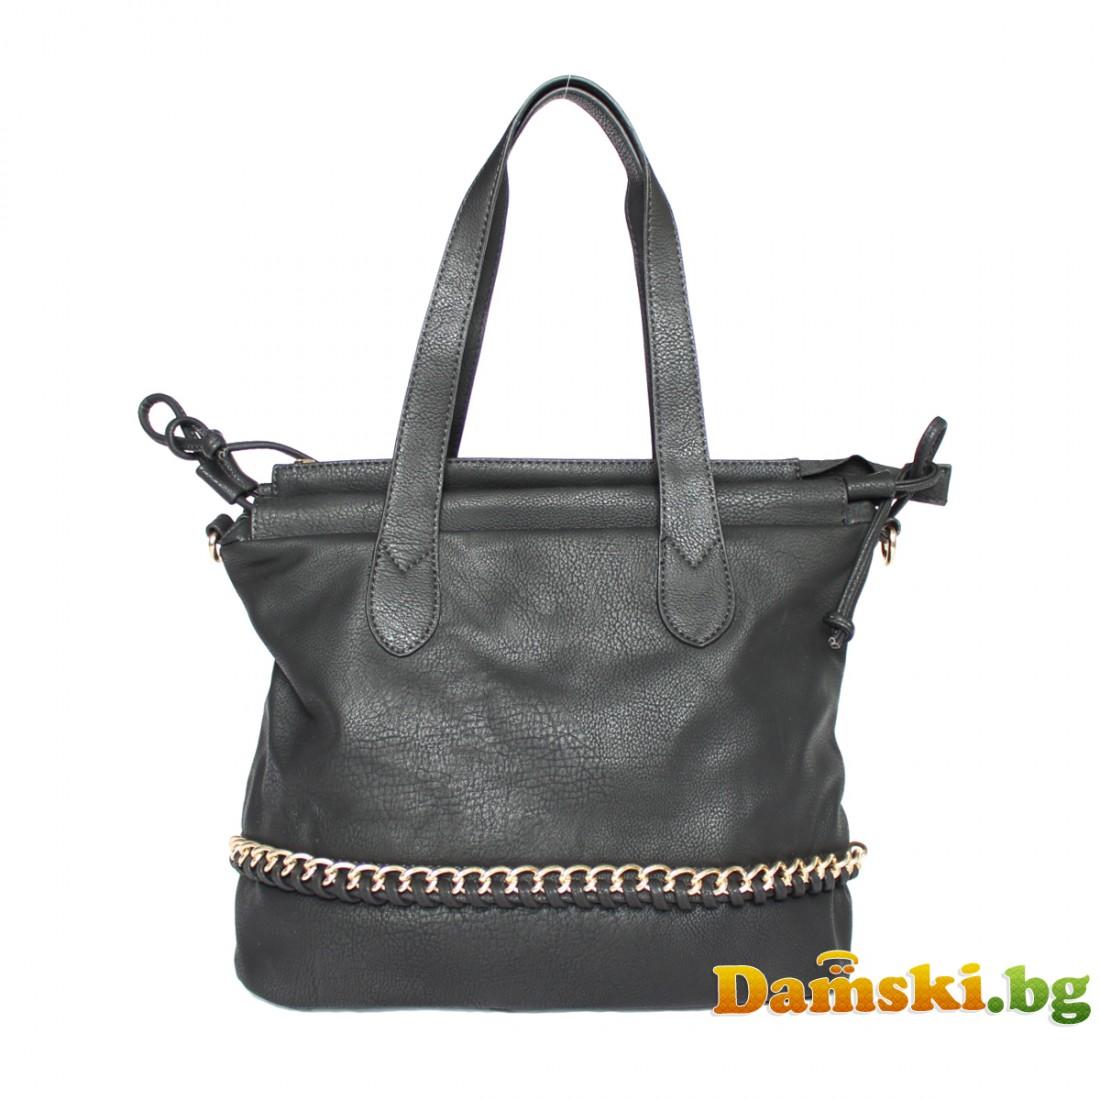 Ежедневна дамска чанта - Лора